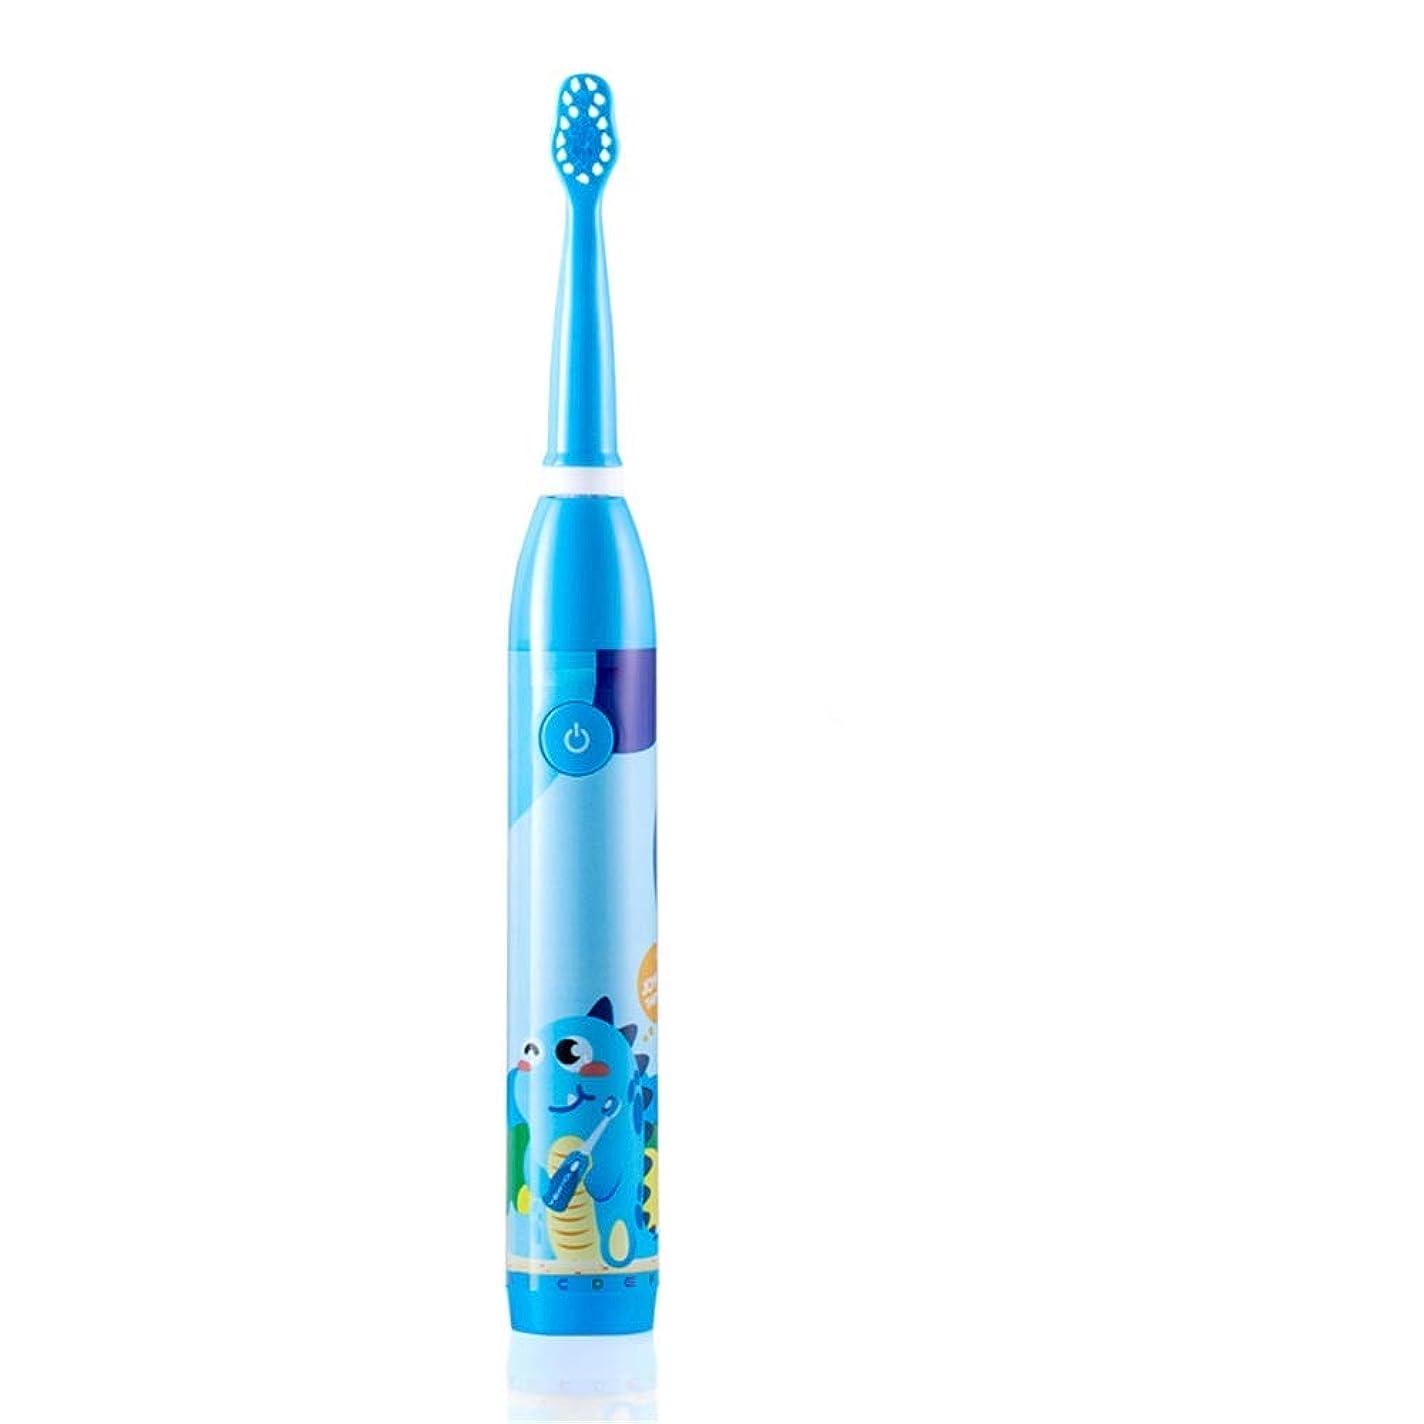 息苦しい道水平電動歯ブラシ 子供のための適切な子供の電動歯ブラシUSB充電式防水保護ホワイトニング6-12 (色 : 青, サイズ : Free size)